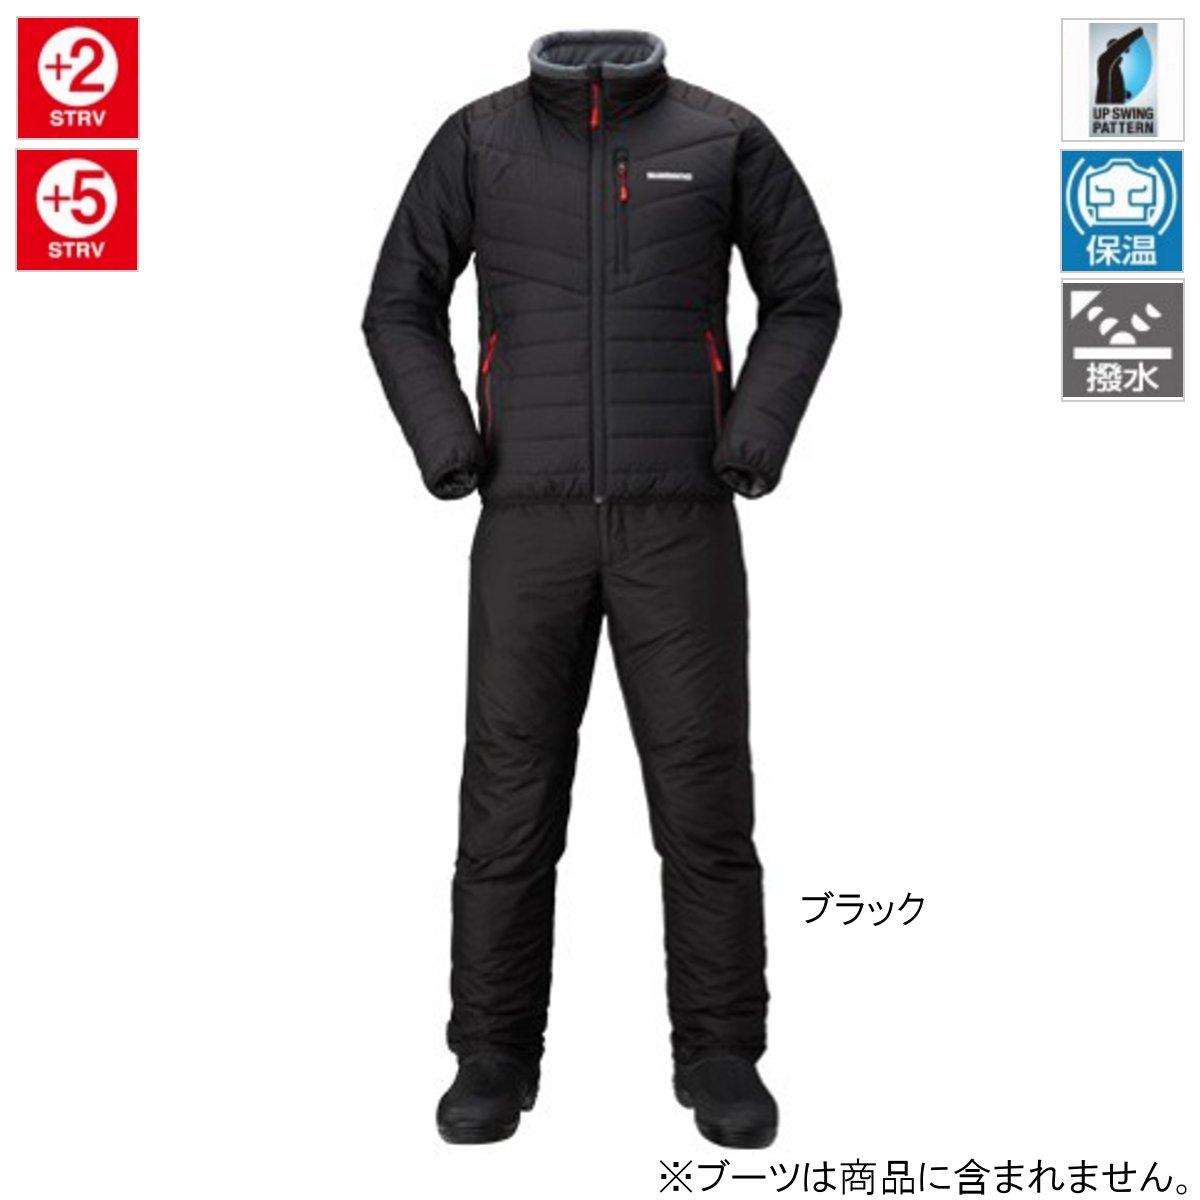 シマノ ベーシック インシュレーション スーツ MD-055Q XL ブラック(東日本店)